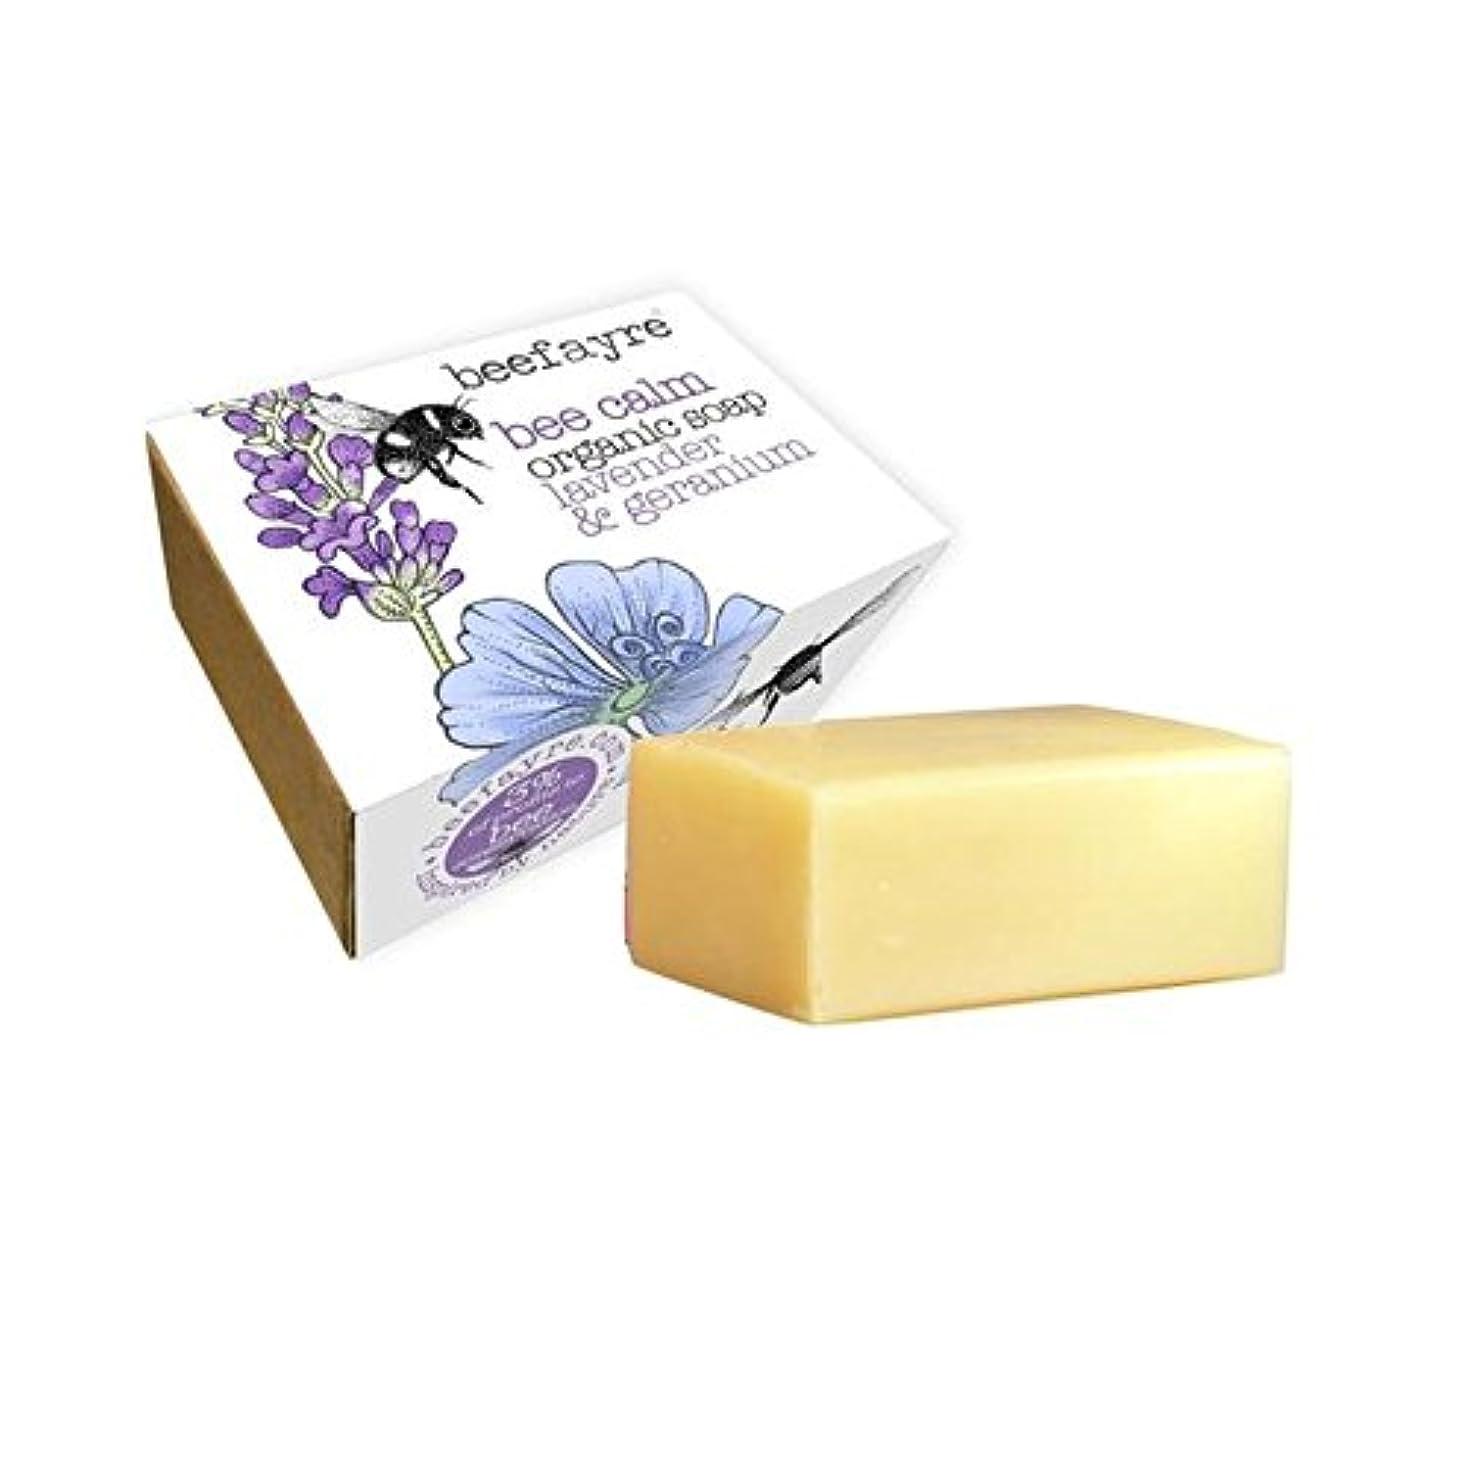 倒錯ダーベビルのテスハック有機ゼラニウム&ラベンダー石鹸 x4 - Beefayre Organic Geranium & Lavender Soap (Pack of 4) [並行輸入品]